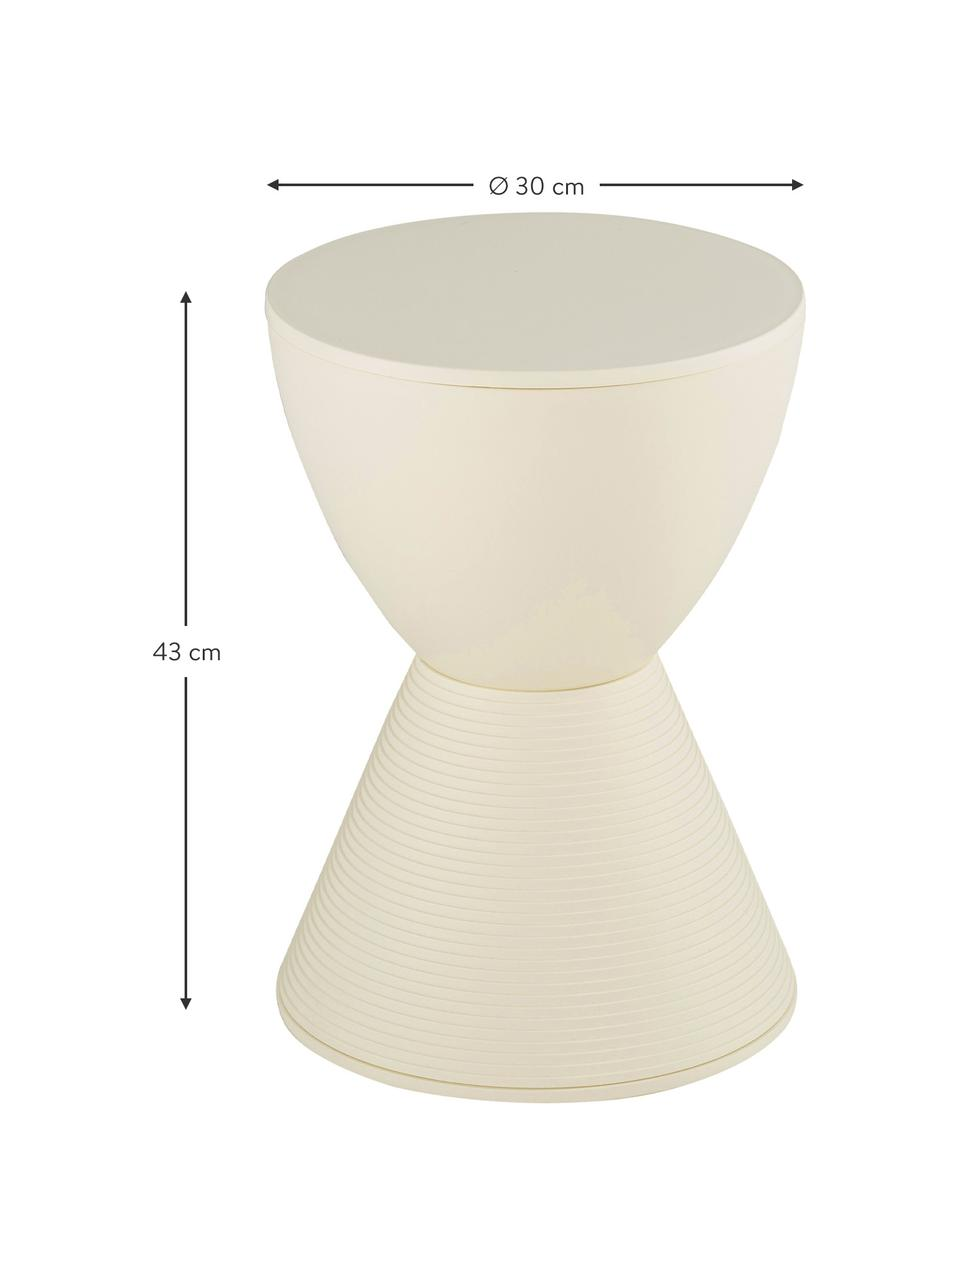 Design Beistelltisch Prince AHA, Durchpigmentiertes Polypropylen, Creme, Ø 30 x H 43 cm